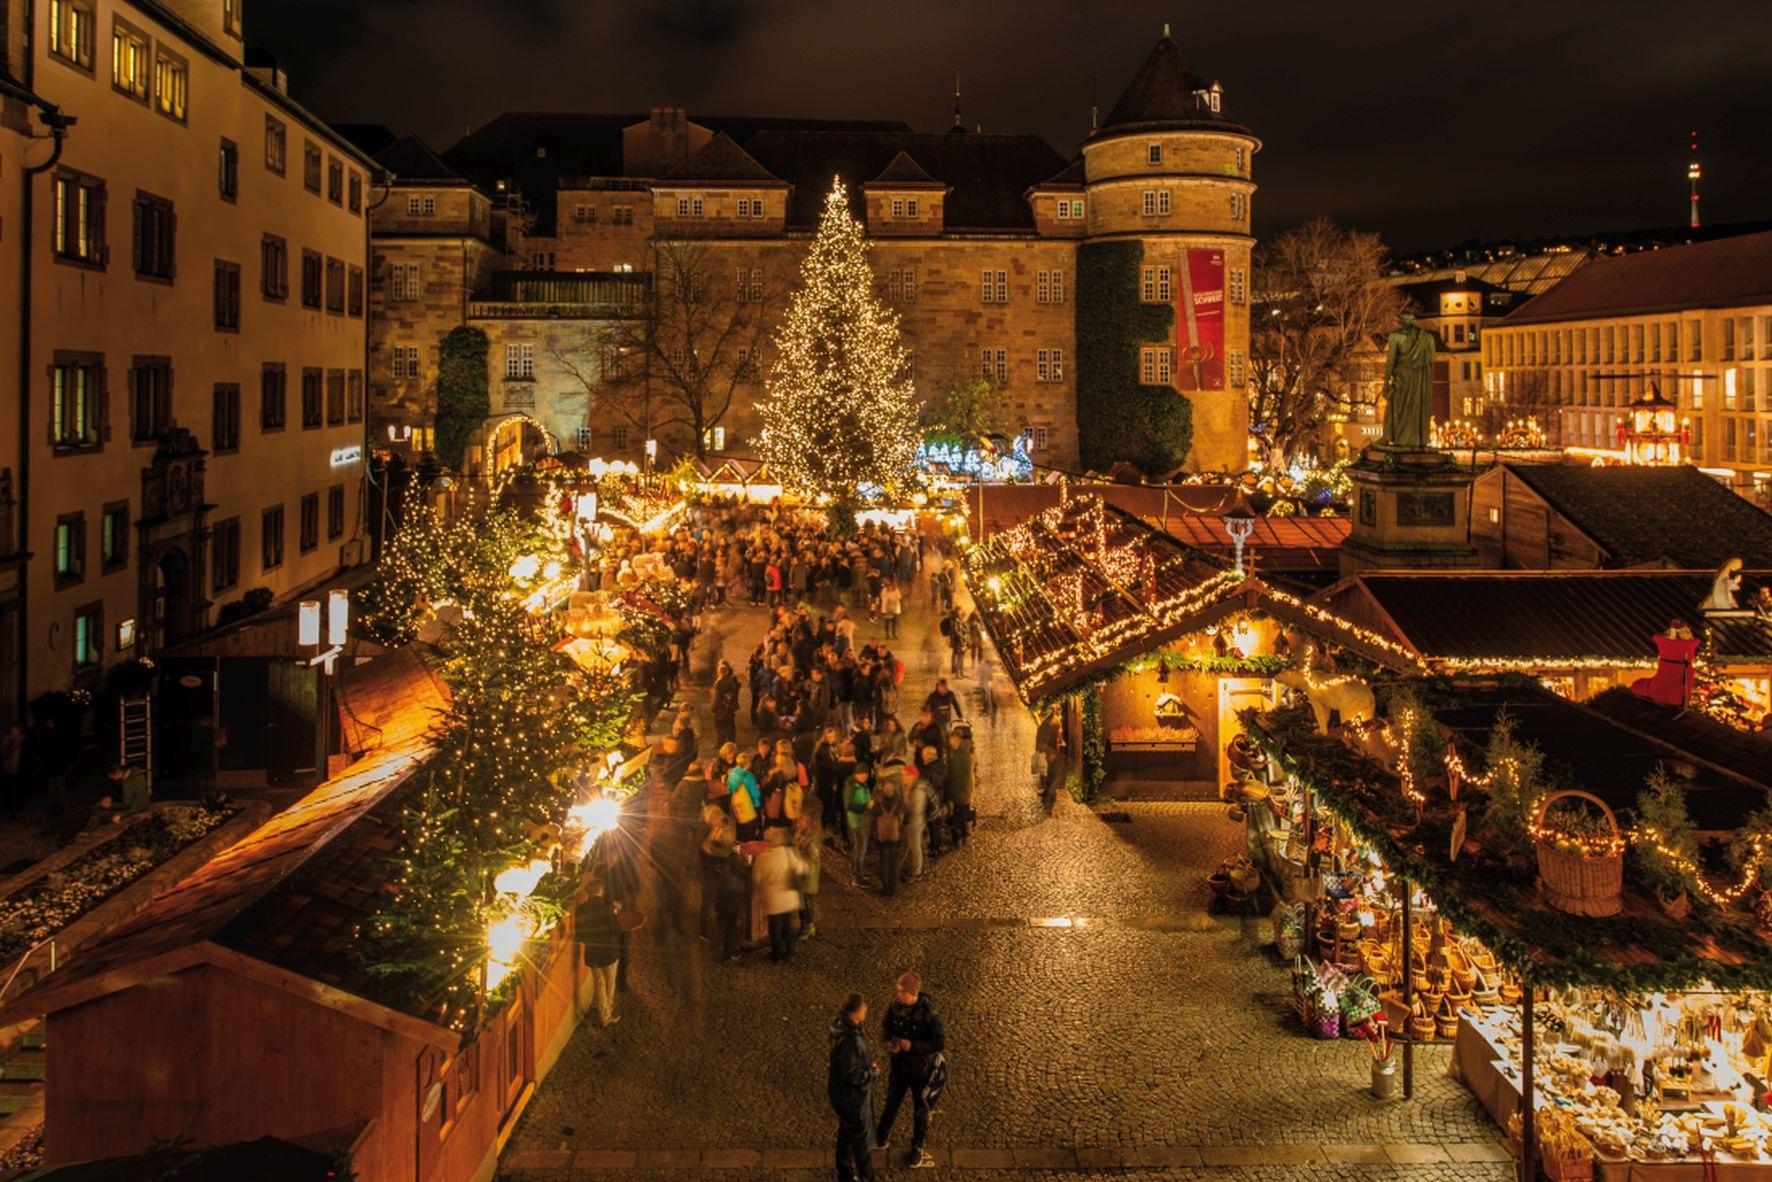 Eröffnung Weihnachtsmarkt Stuttgart 2019.Die Weihnachtsmärkte In Der Region Stuttgart Feste Themen